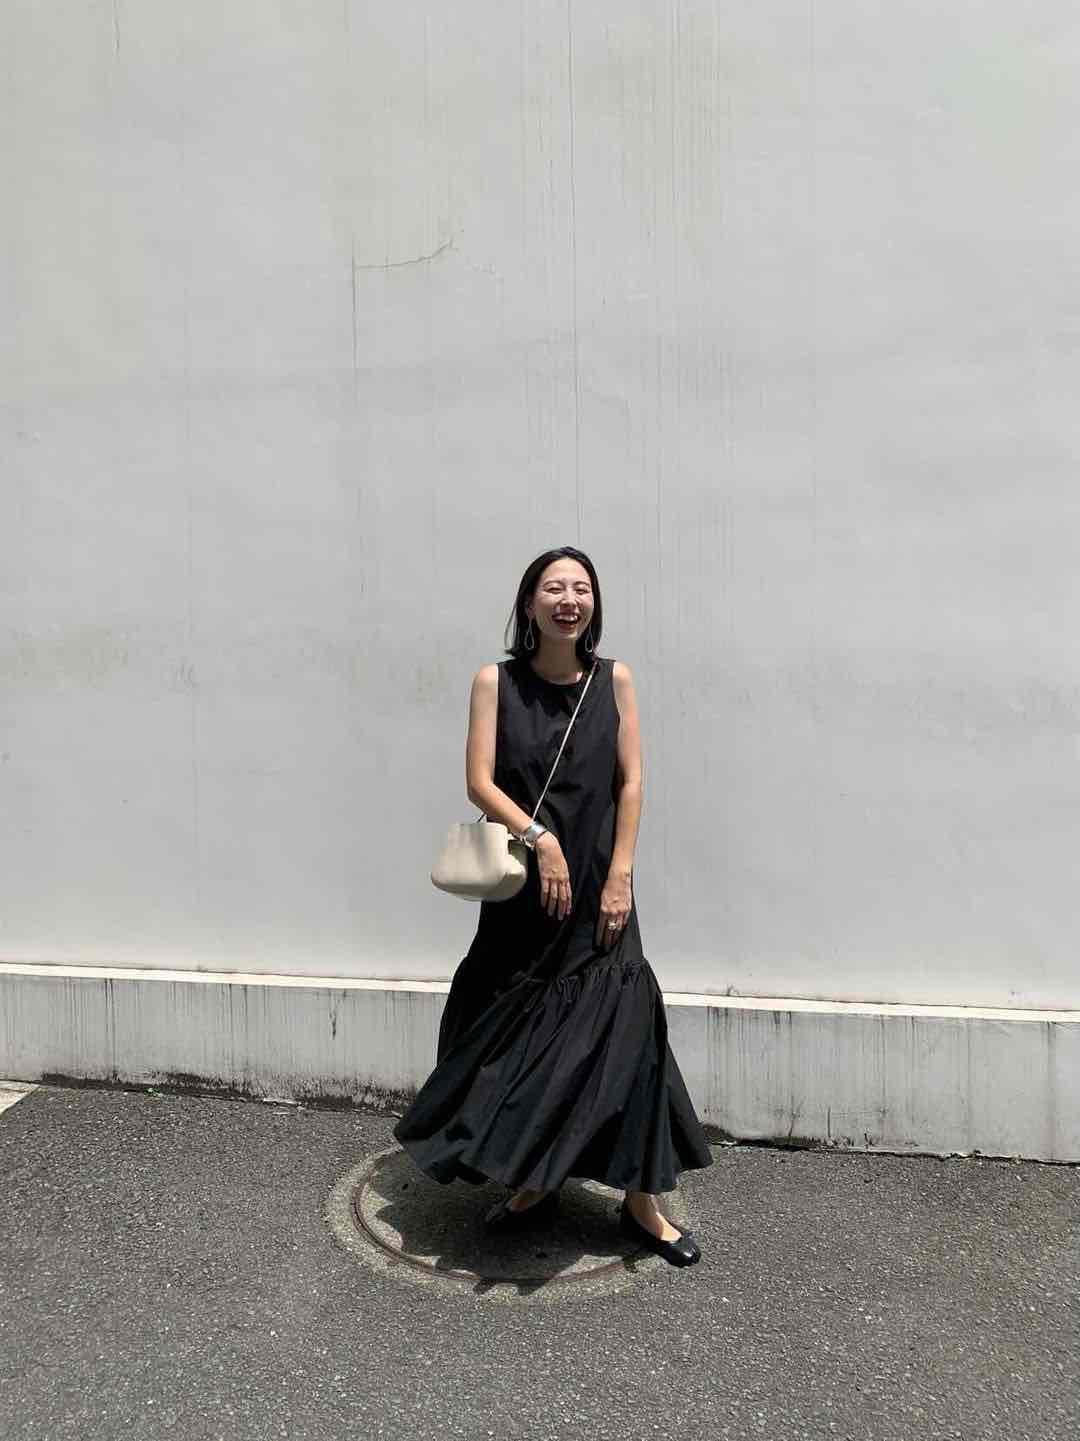 妊娠5カ月の夏のマタニティワンピースコーデ。黒ワンピース。